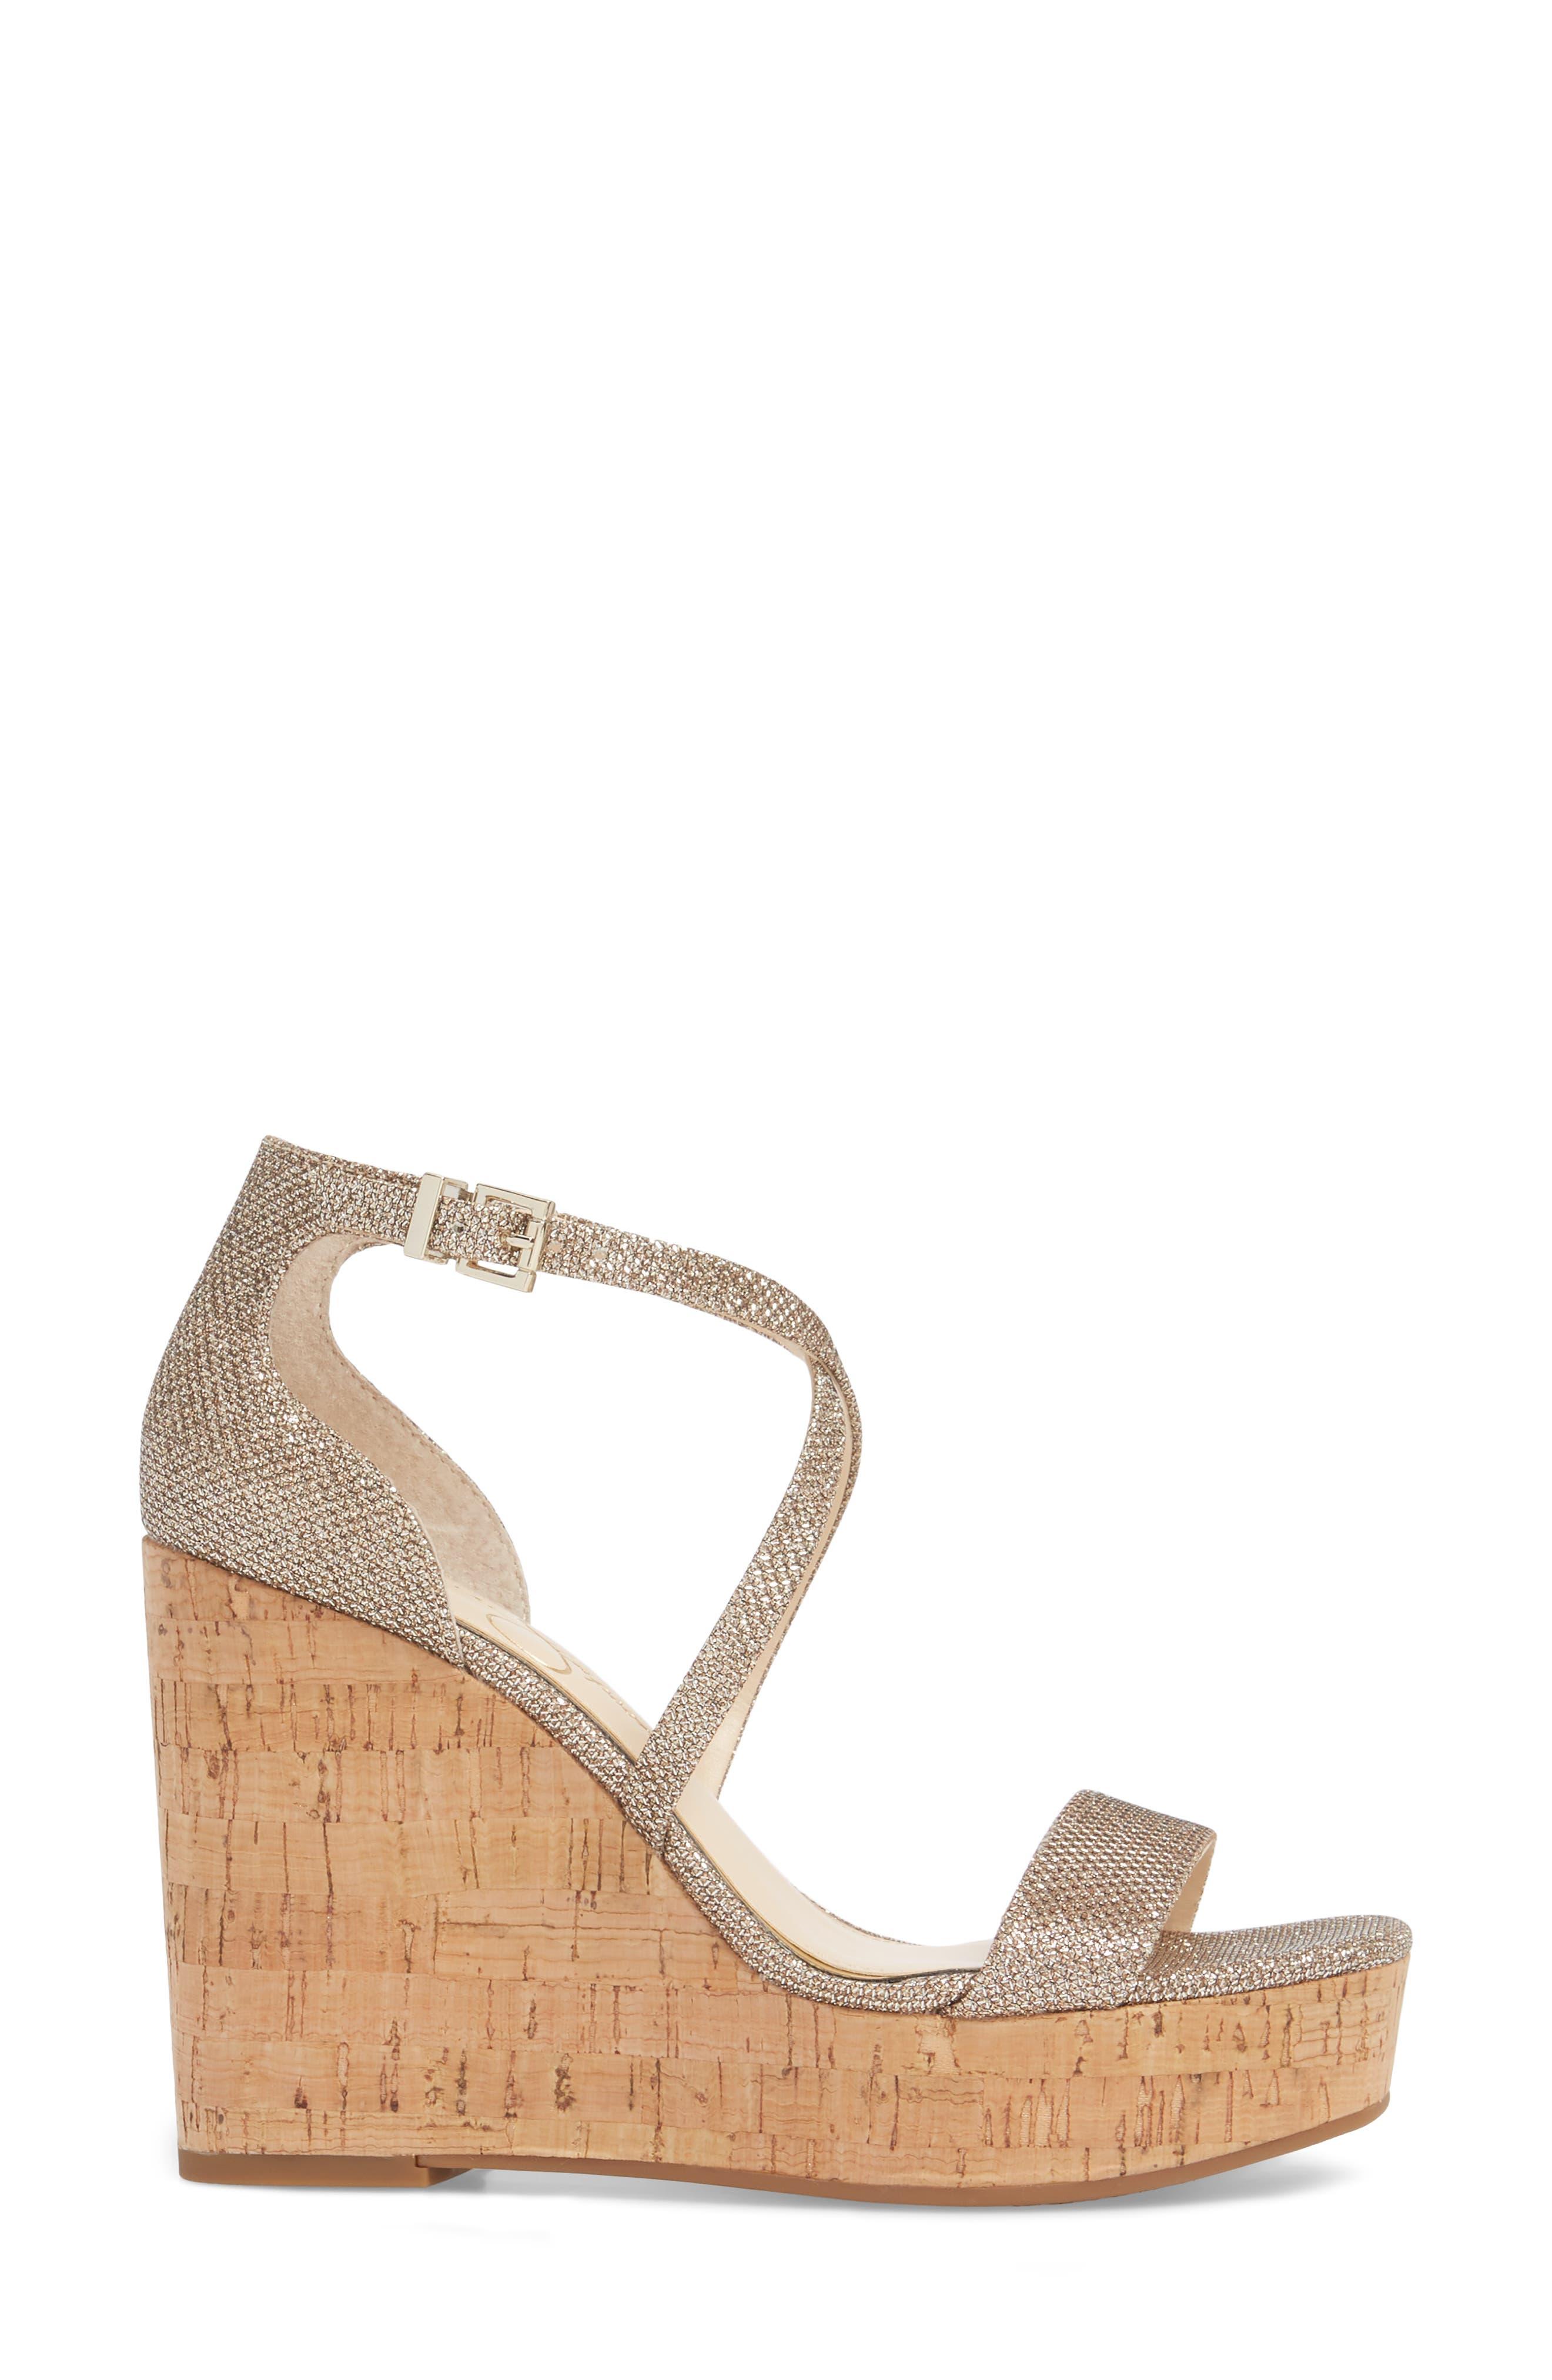 Stassi Cross Strap Wedge Sandal,                             Alternate thumbnail 3, color,                             Gold